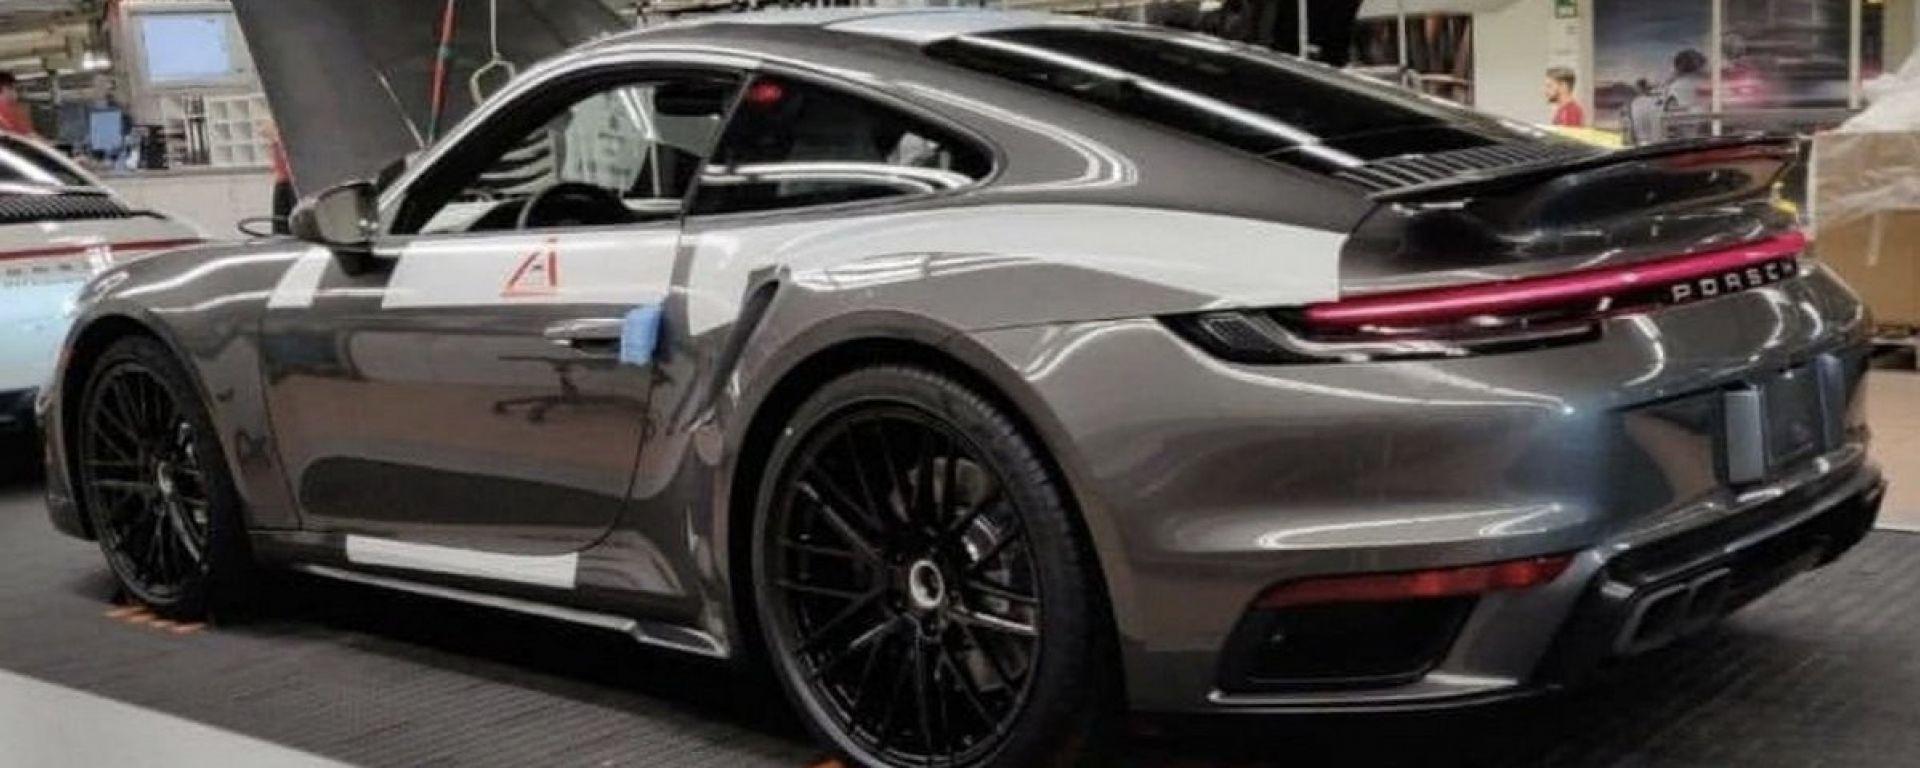 Nuova Porsche 911 Turbo 992: la foto sfuggita in rete